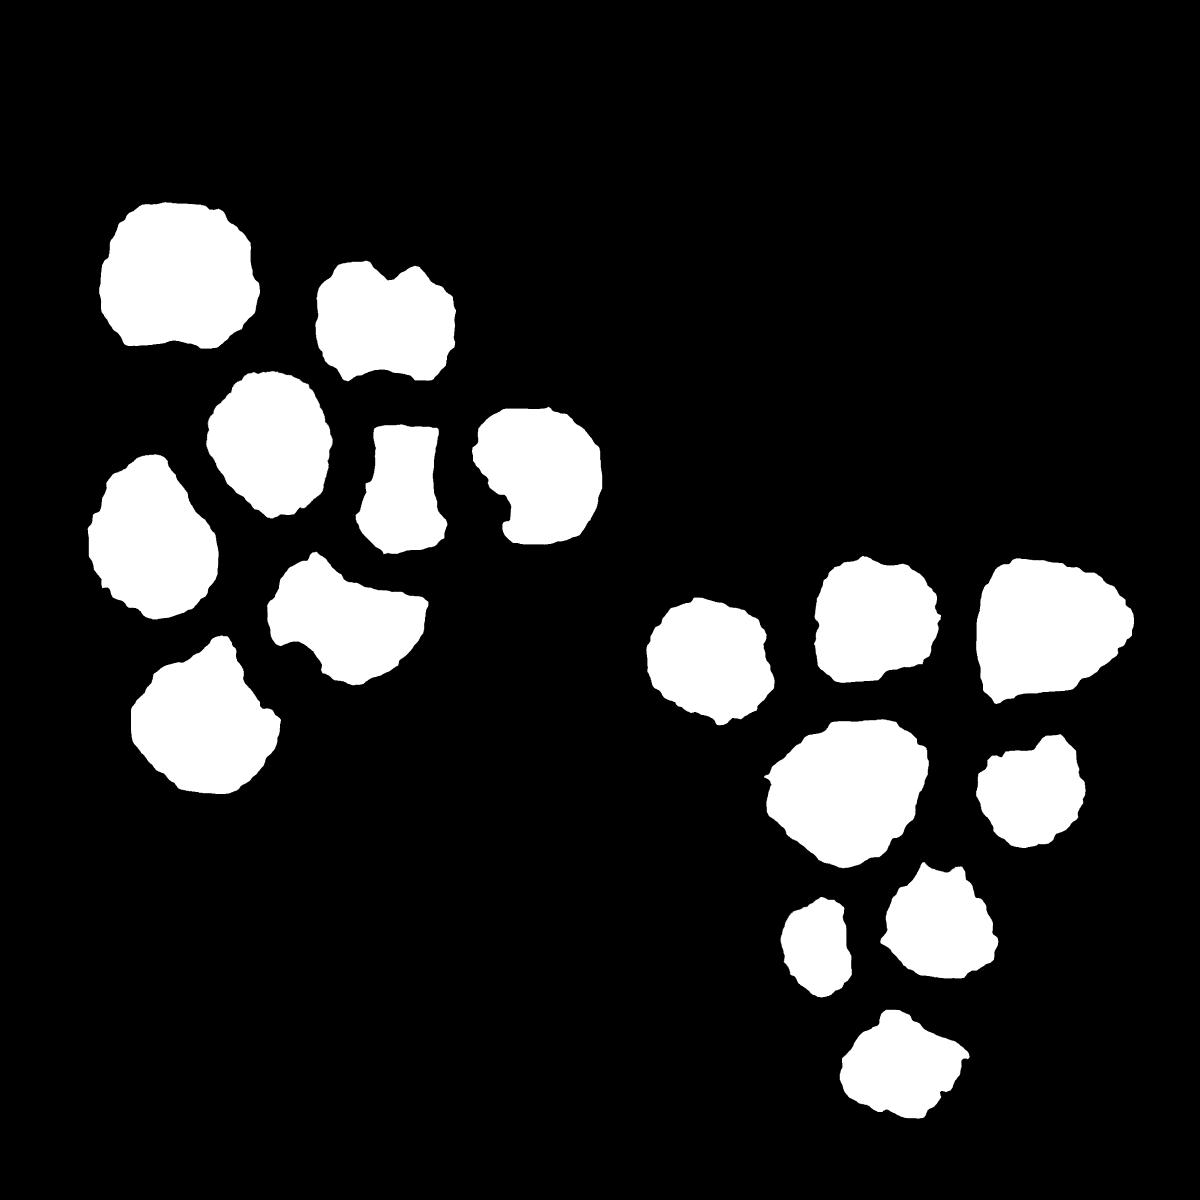 ぶどうのイラスト Grape  Illustration